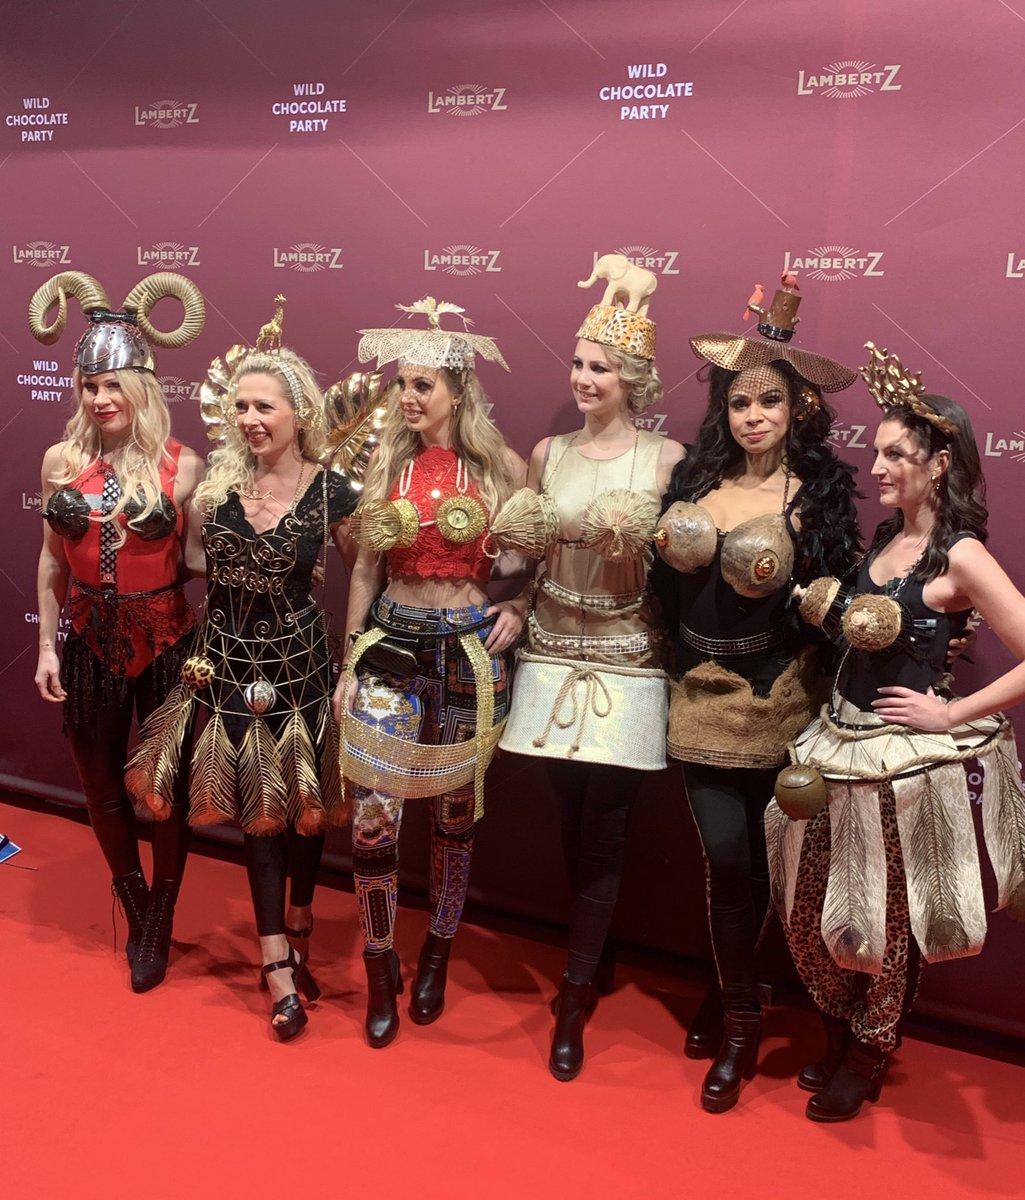 In #Köln wird heute im Rahmen der #ismcologne die traditionelle #LambertzMondayNight gefeiert. Extravagante Mode, viele Promis und Schokolade. Ich bin für @gabonn dabei.pic.twitter.com/4C5DJYmmH0